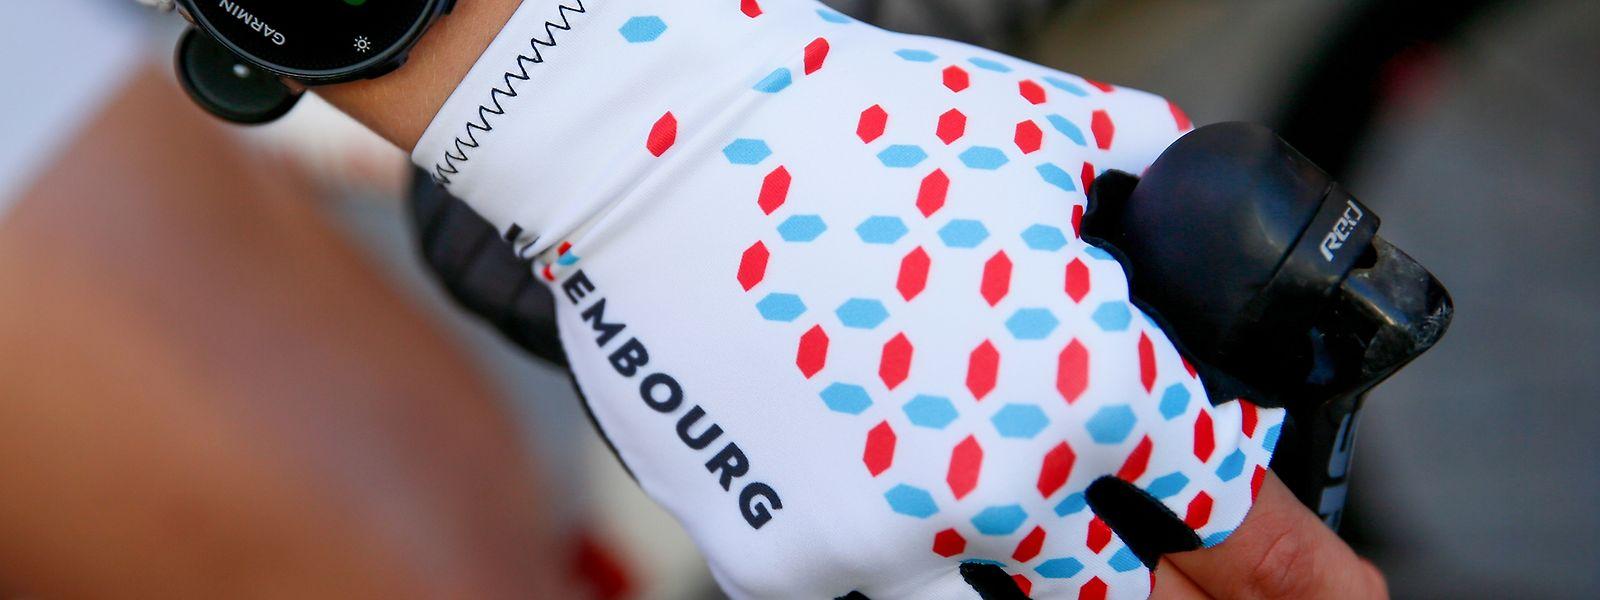 Für die 17 Fahrer müssen genügend Handschuhe mitgenommen werden.